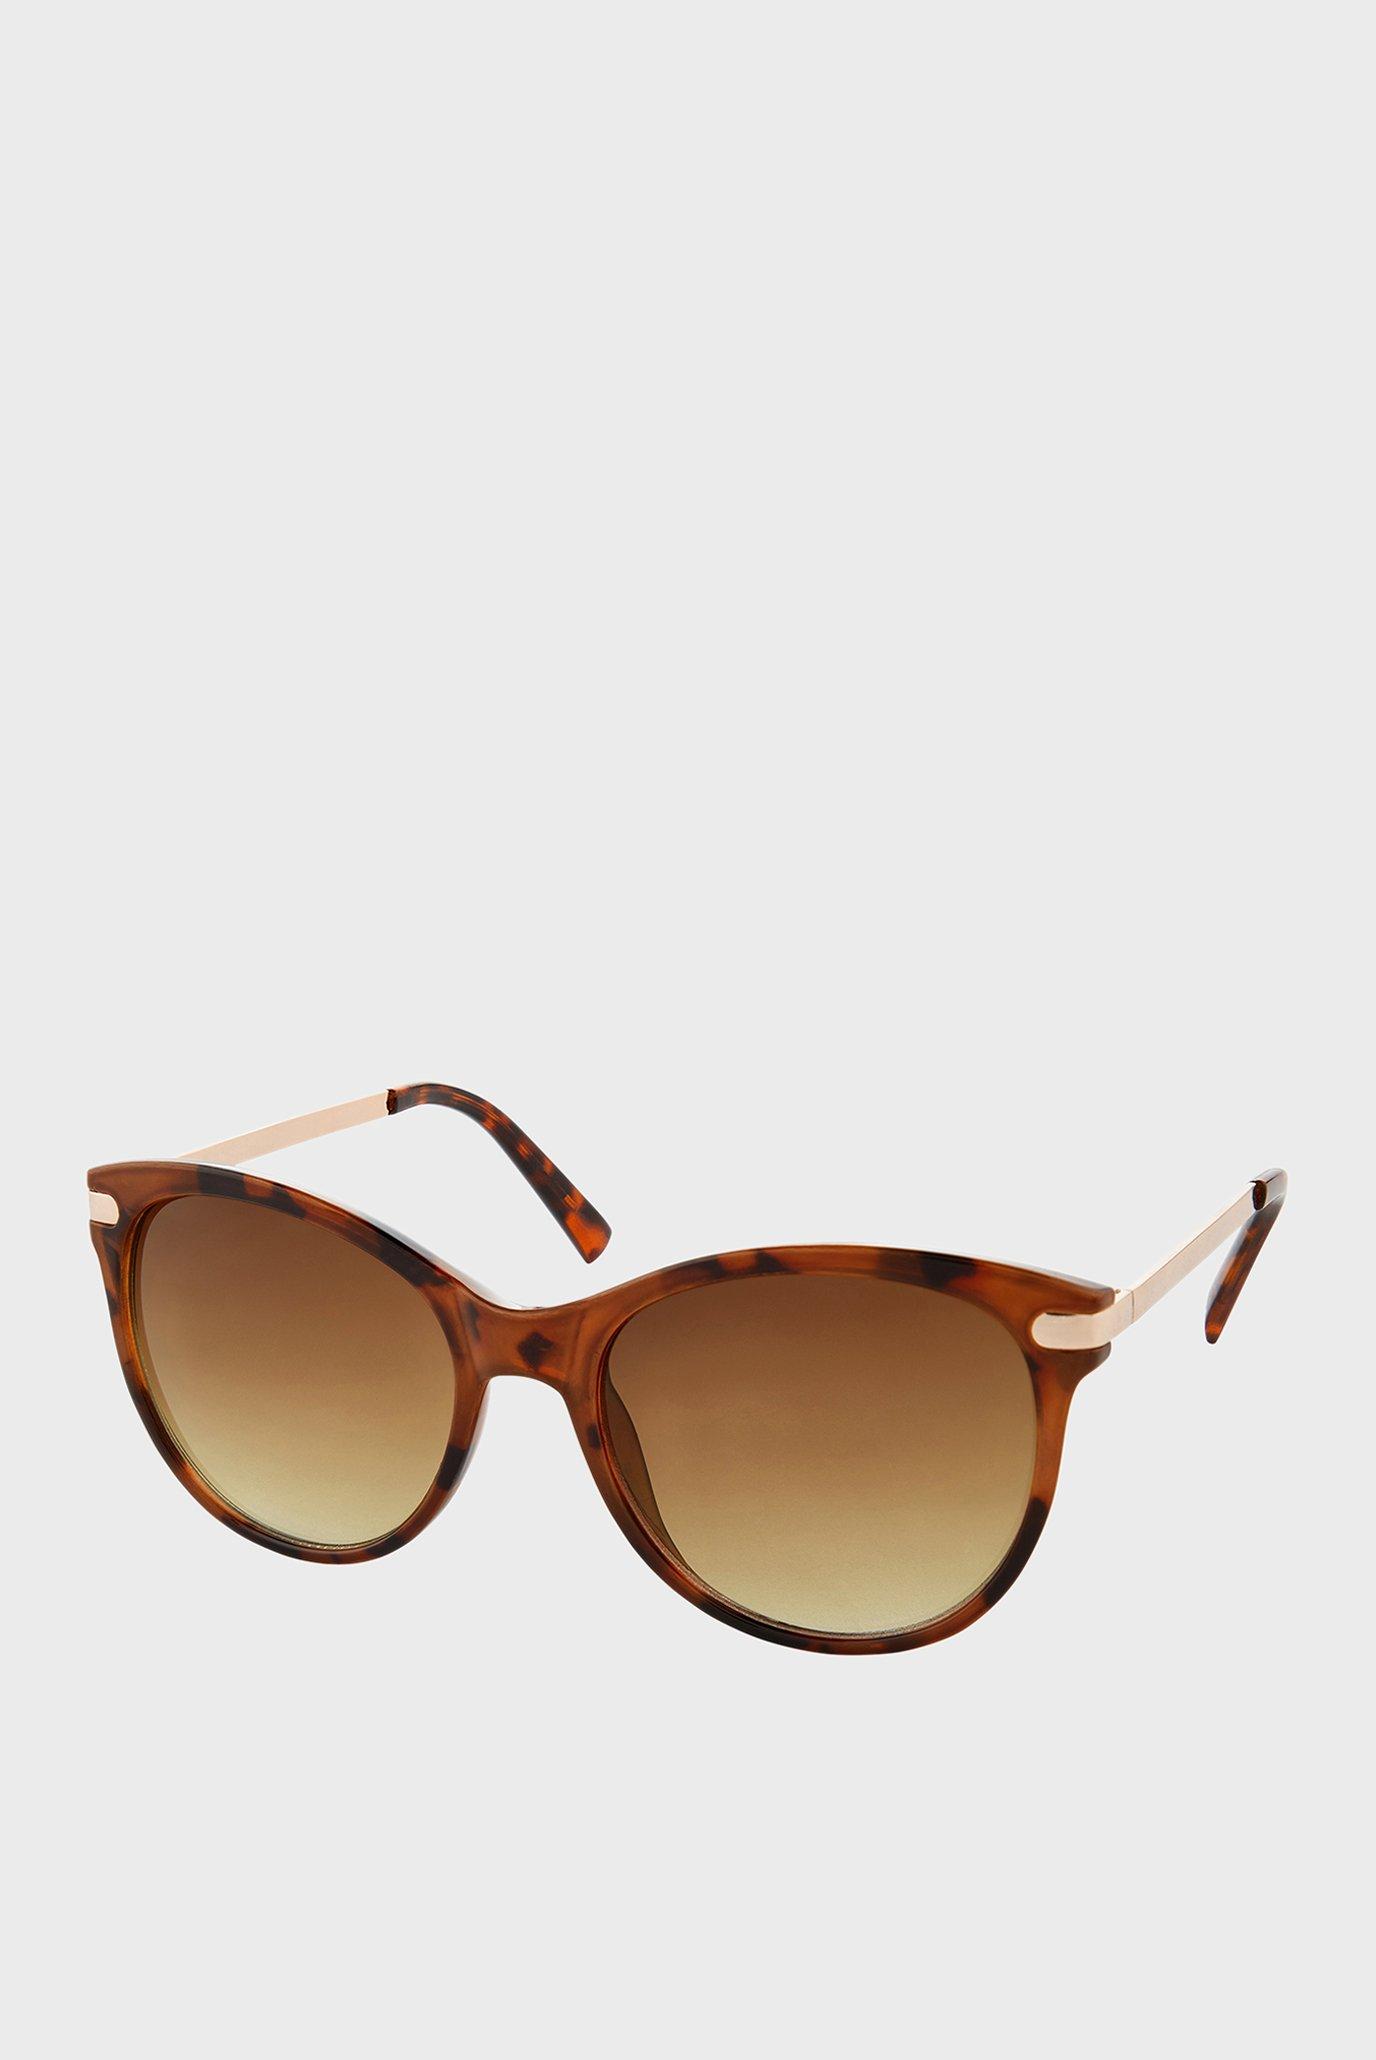 Жіночі коричневі сонцезахисні окуляри  RUBEE FLAT-TOP 1